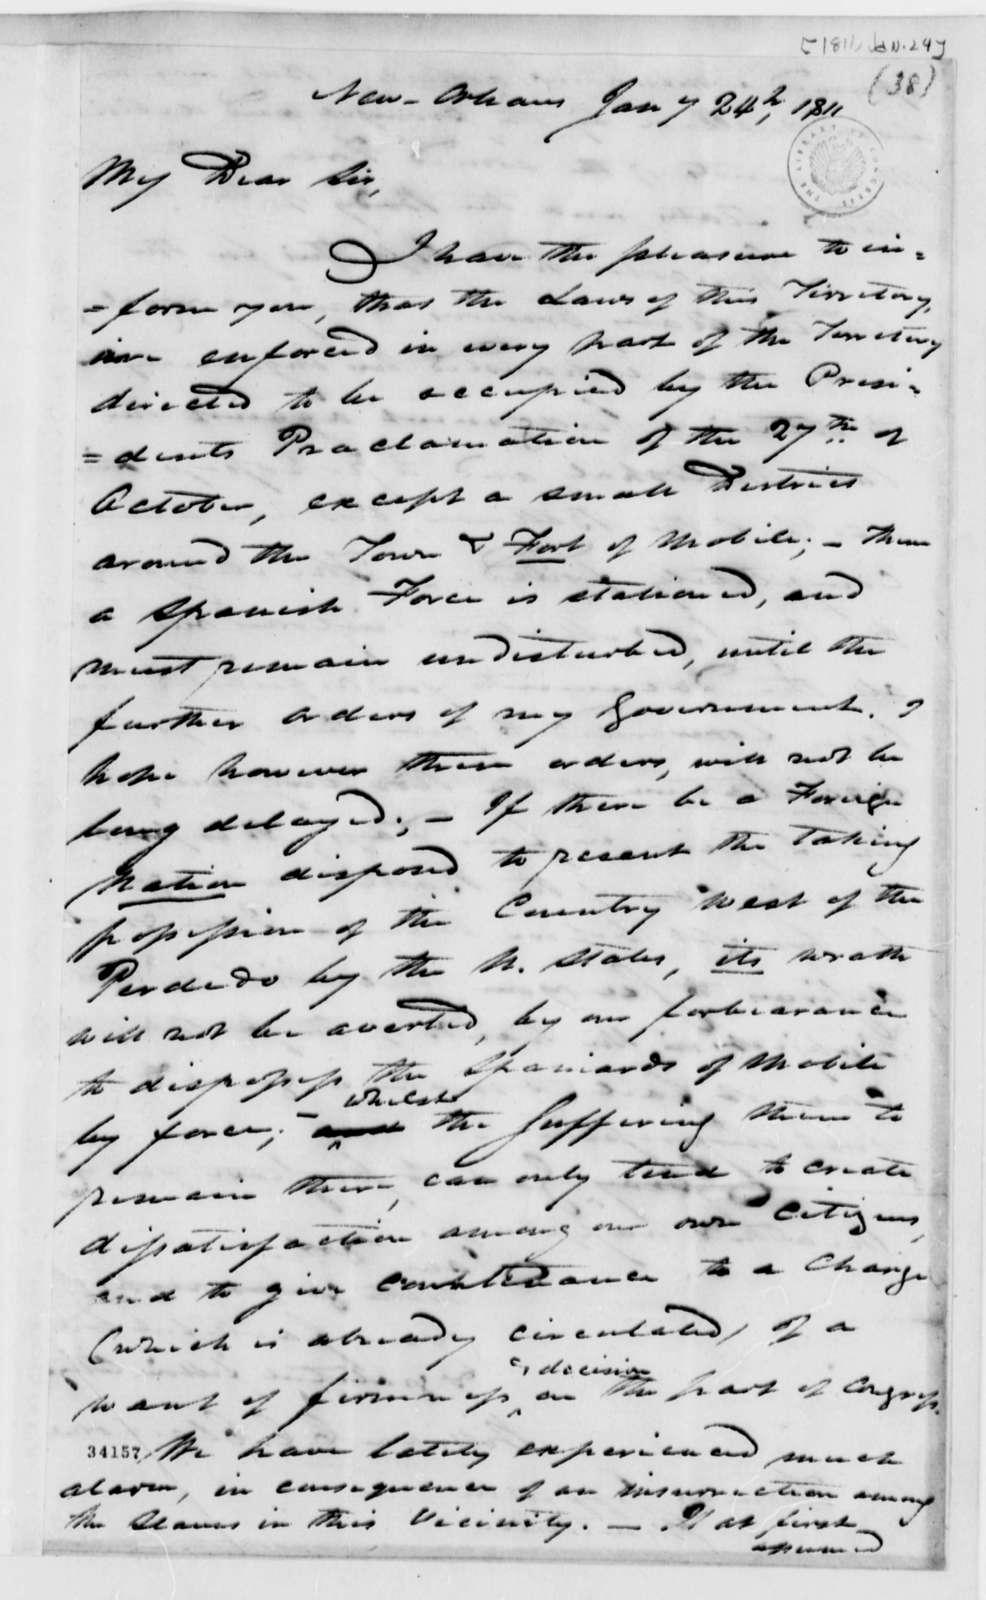 William C. C. Claiborne to Thomas Jefferson, January 24, 1811